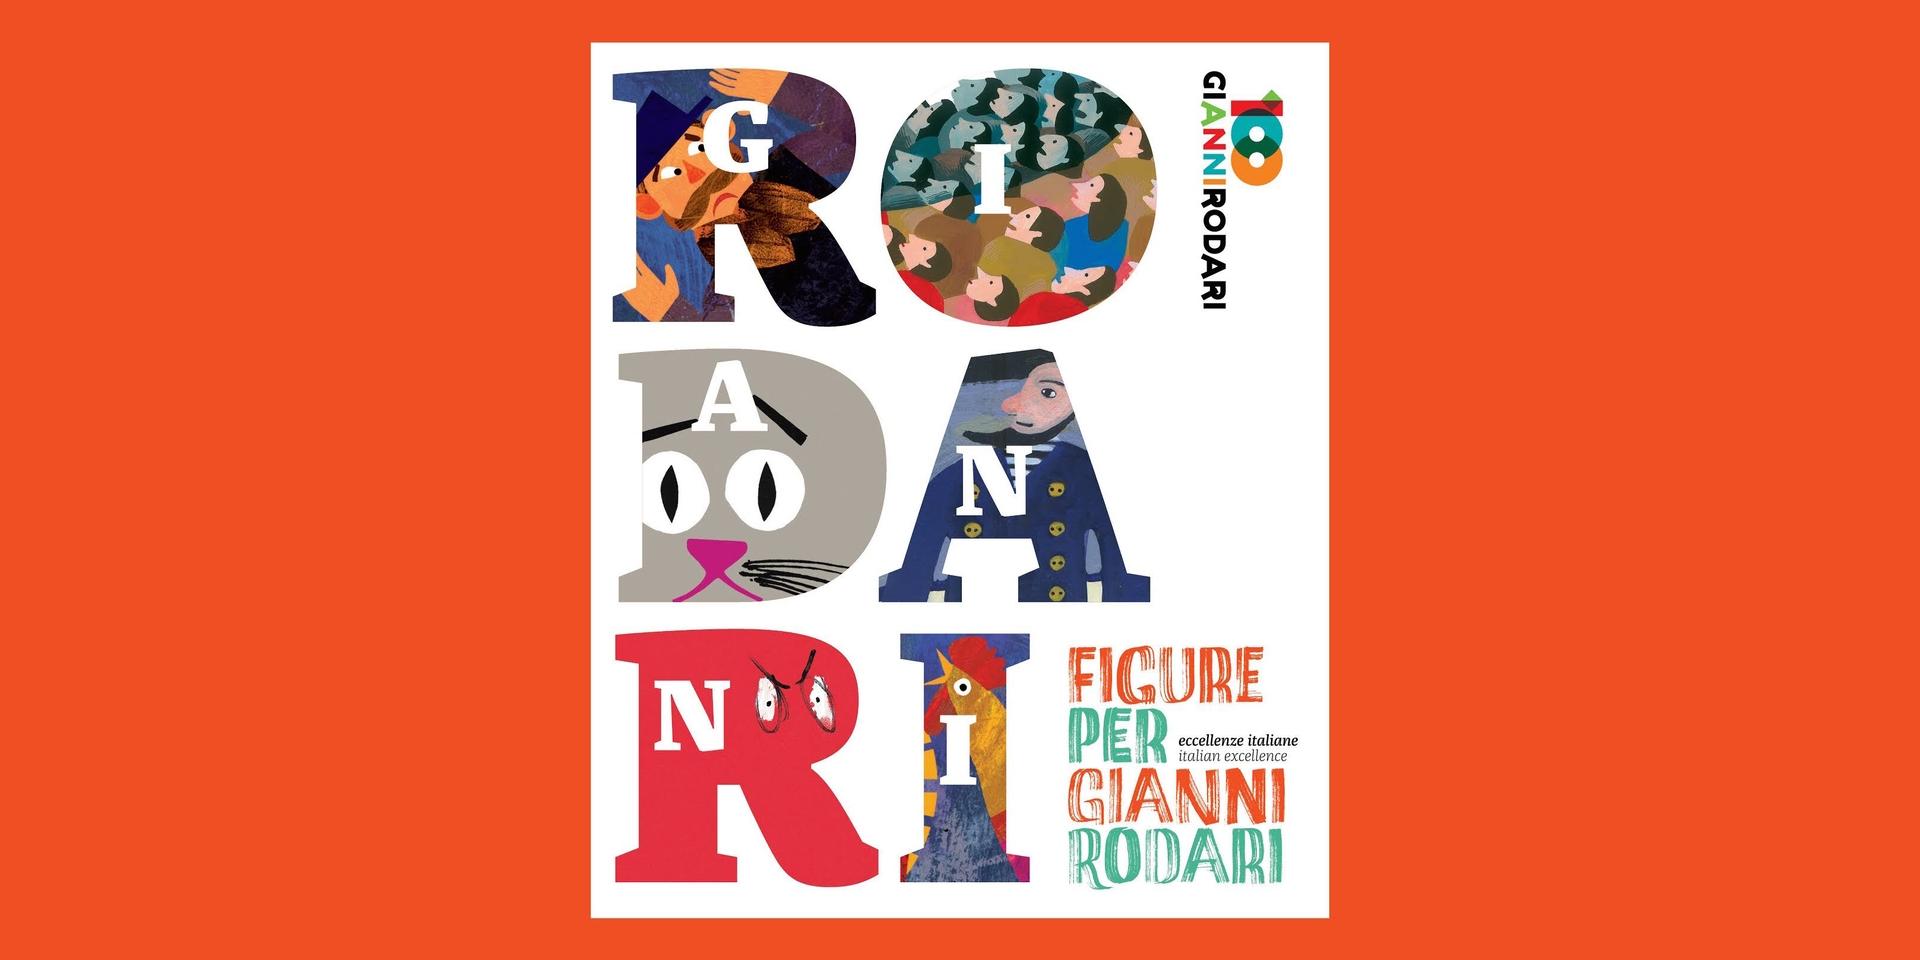 Figure per Gianni Rodari